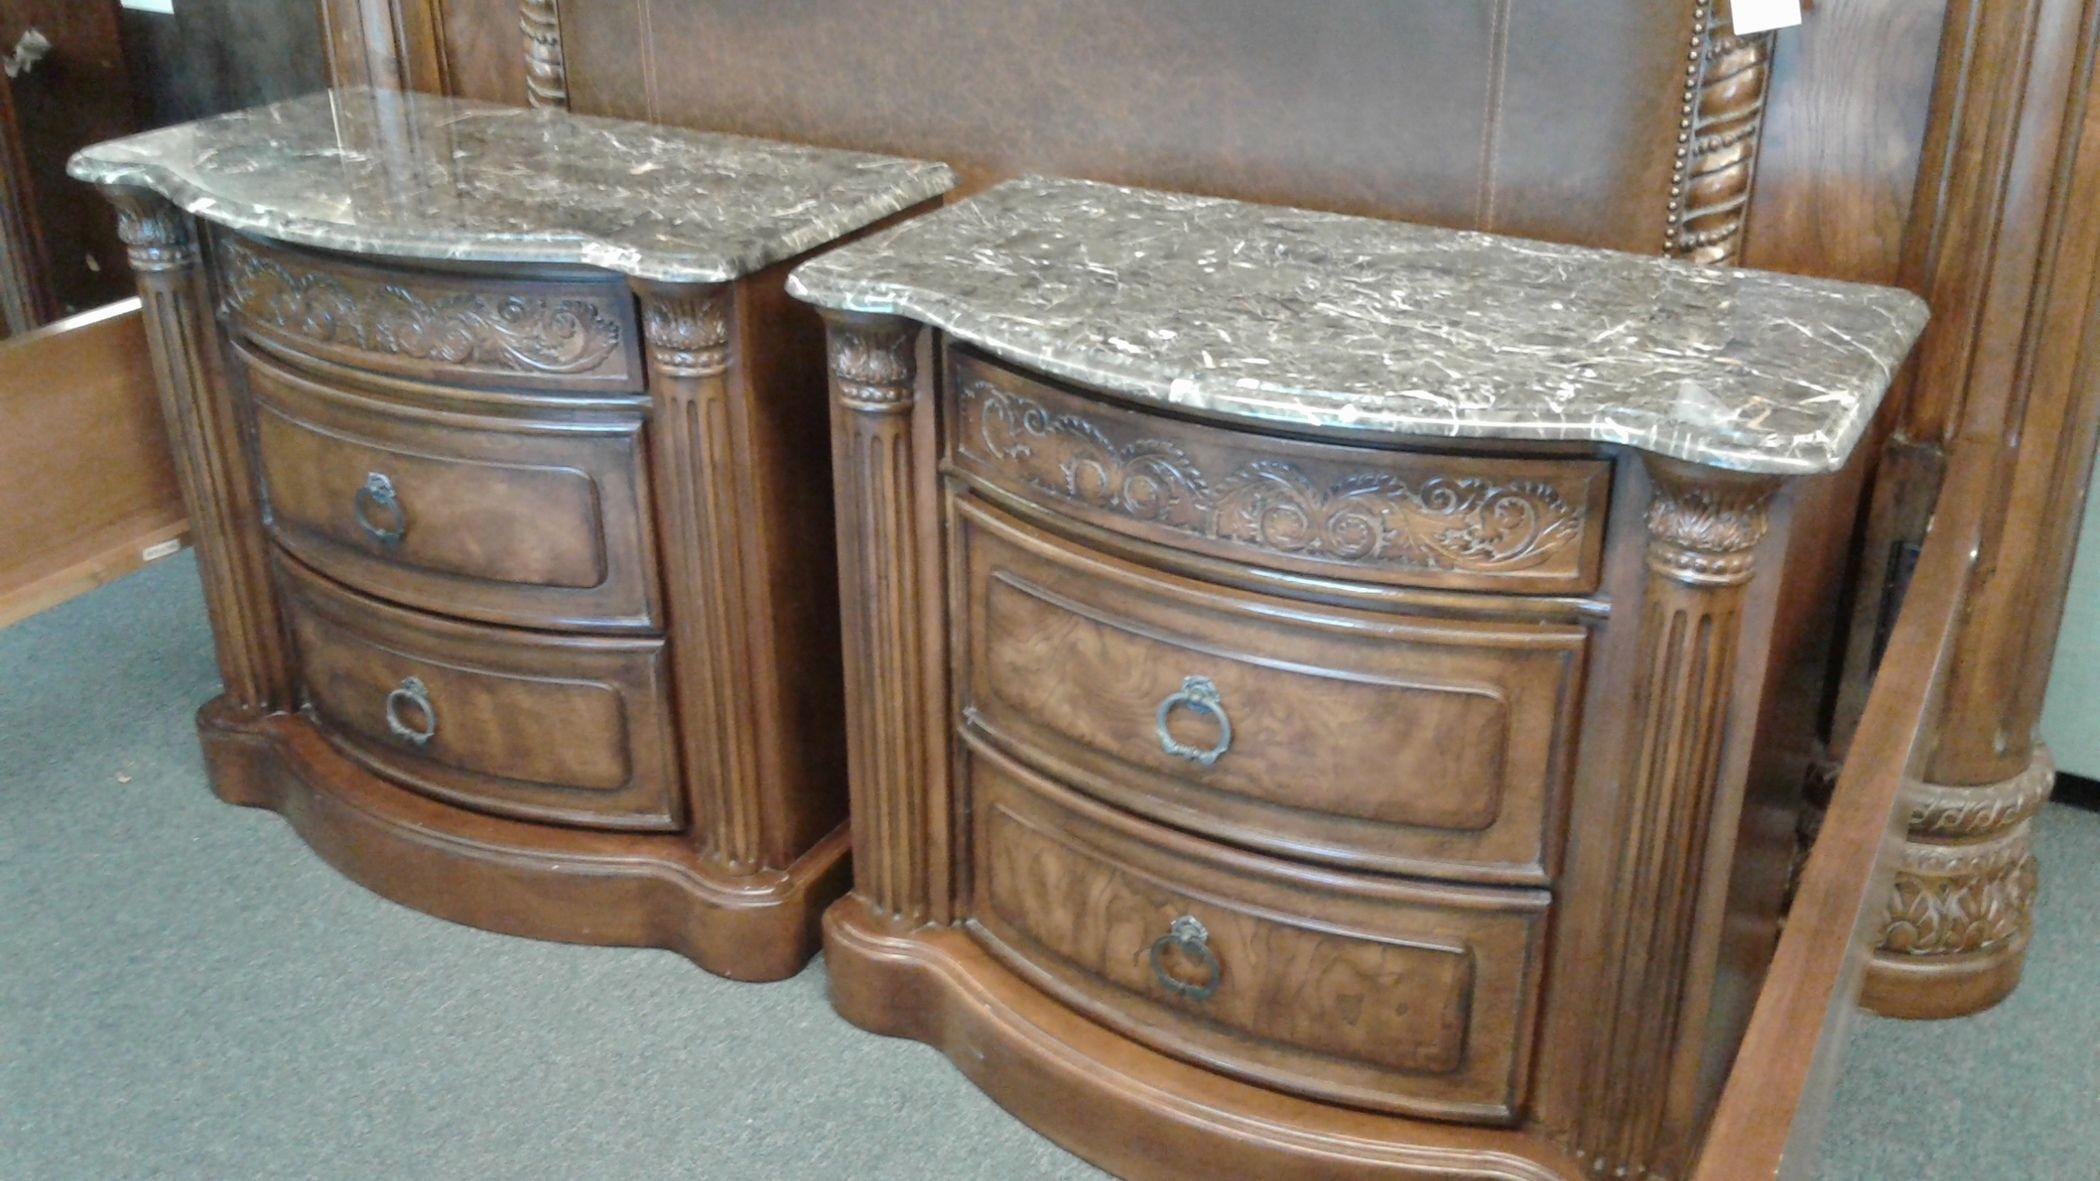 COLLEZIONE BEDNIGHTSTANDS Delmarva Furniture Consignment